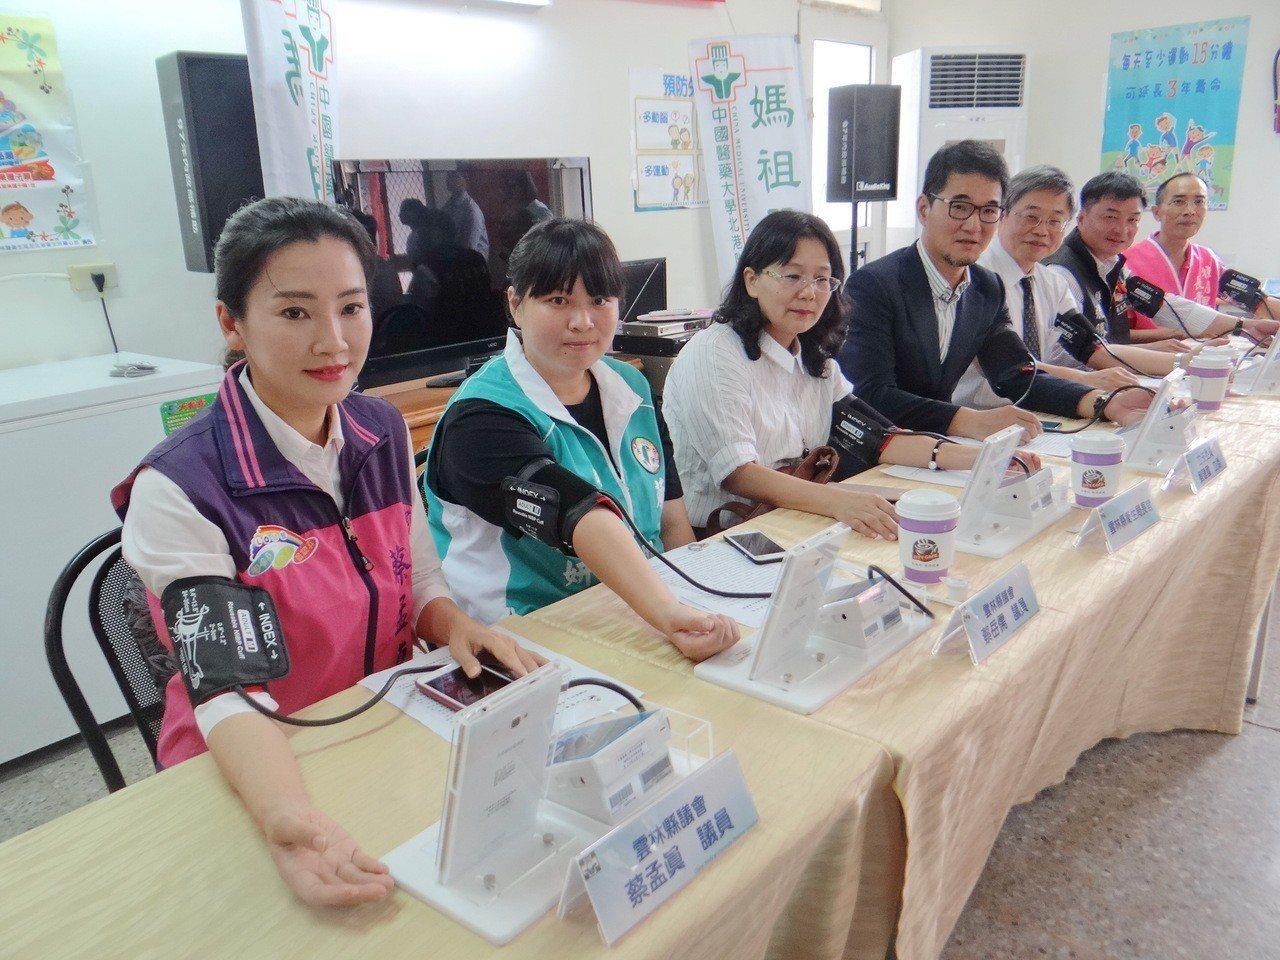 雲林縣北港媽祖醫院研發第一套遠距醫療APP雲端系統,可讓老人把每天血壓傳到醫院,...